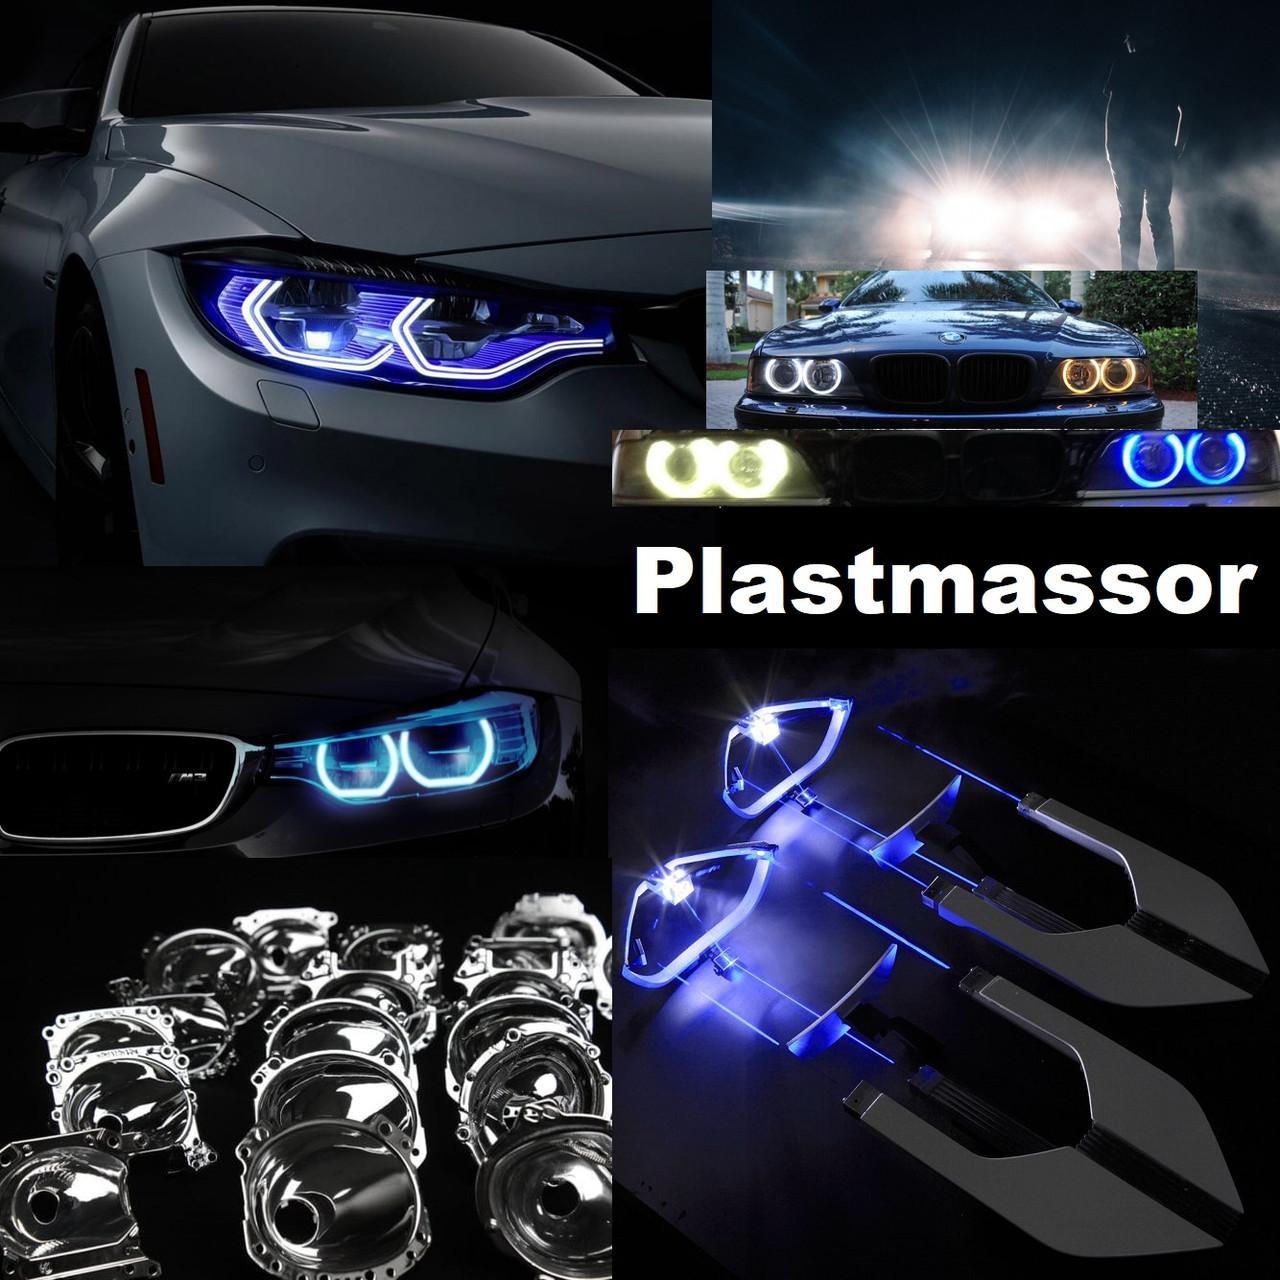 Ремонт Plastmassor вакуумная металлизация восстановление отражателей фар Fiat